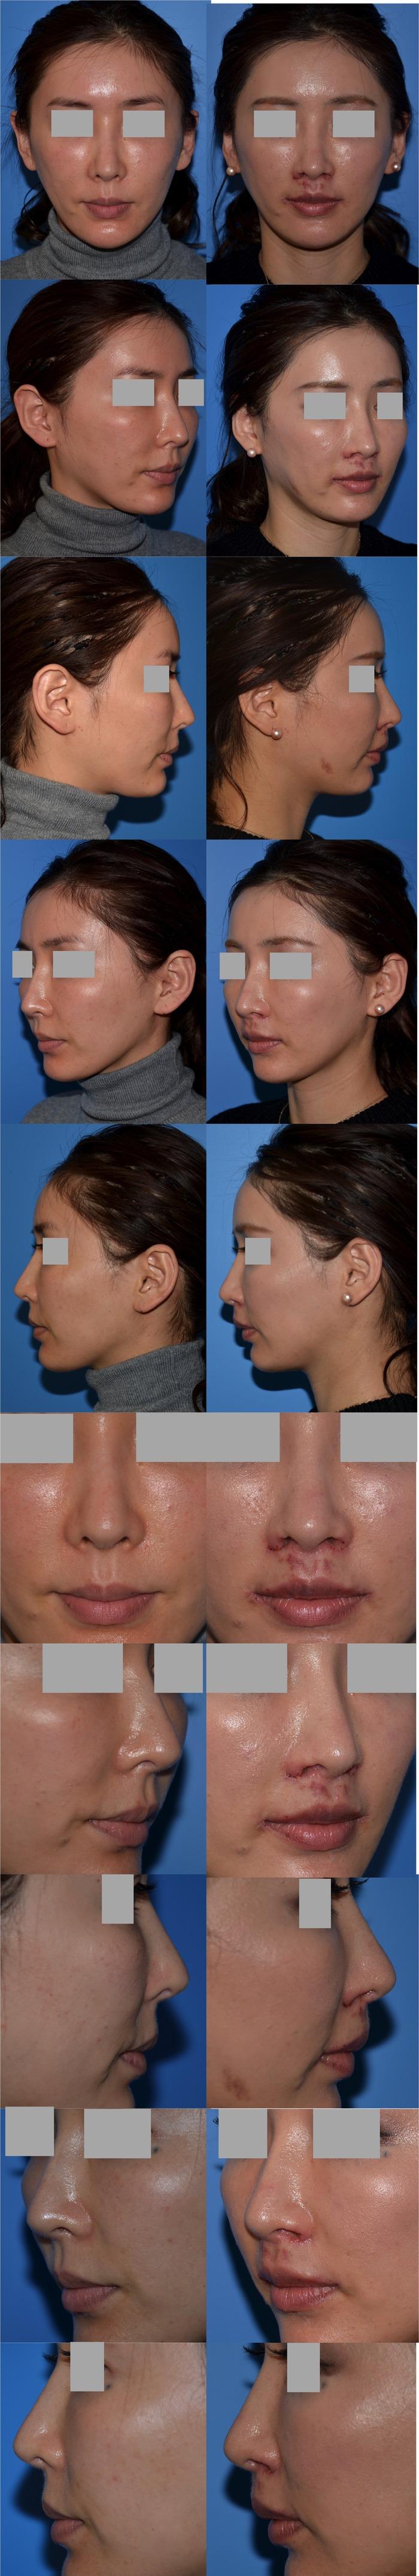 鼻翼挙上 鼻下長短縮術 口角挙上